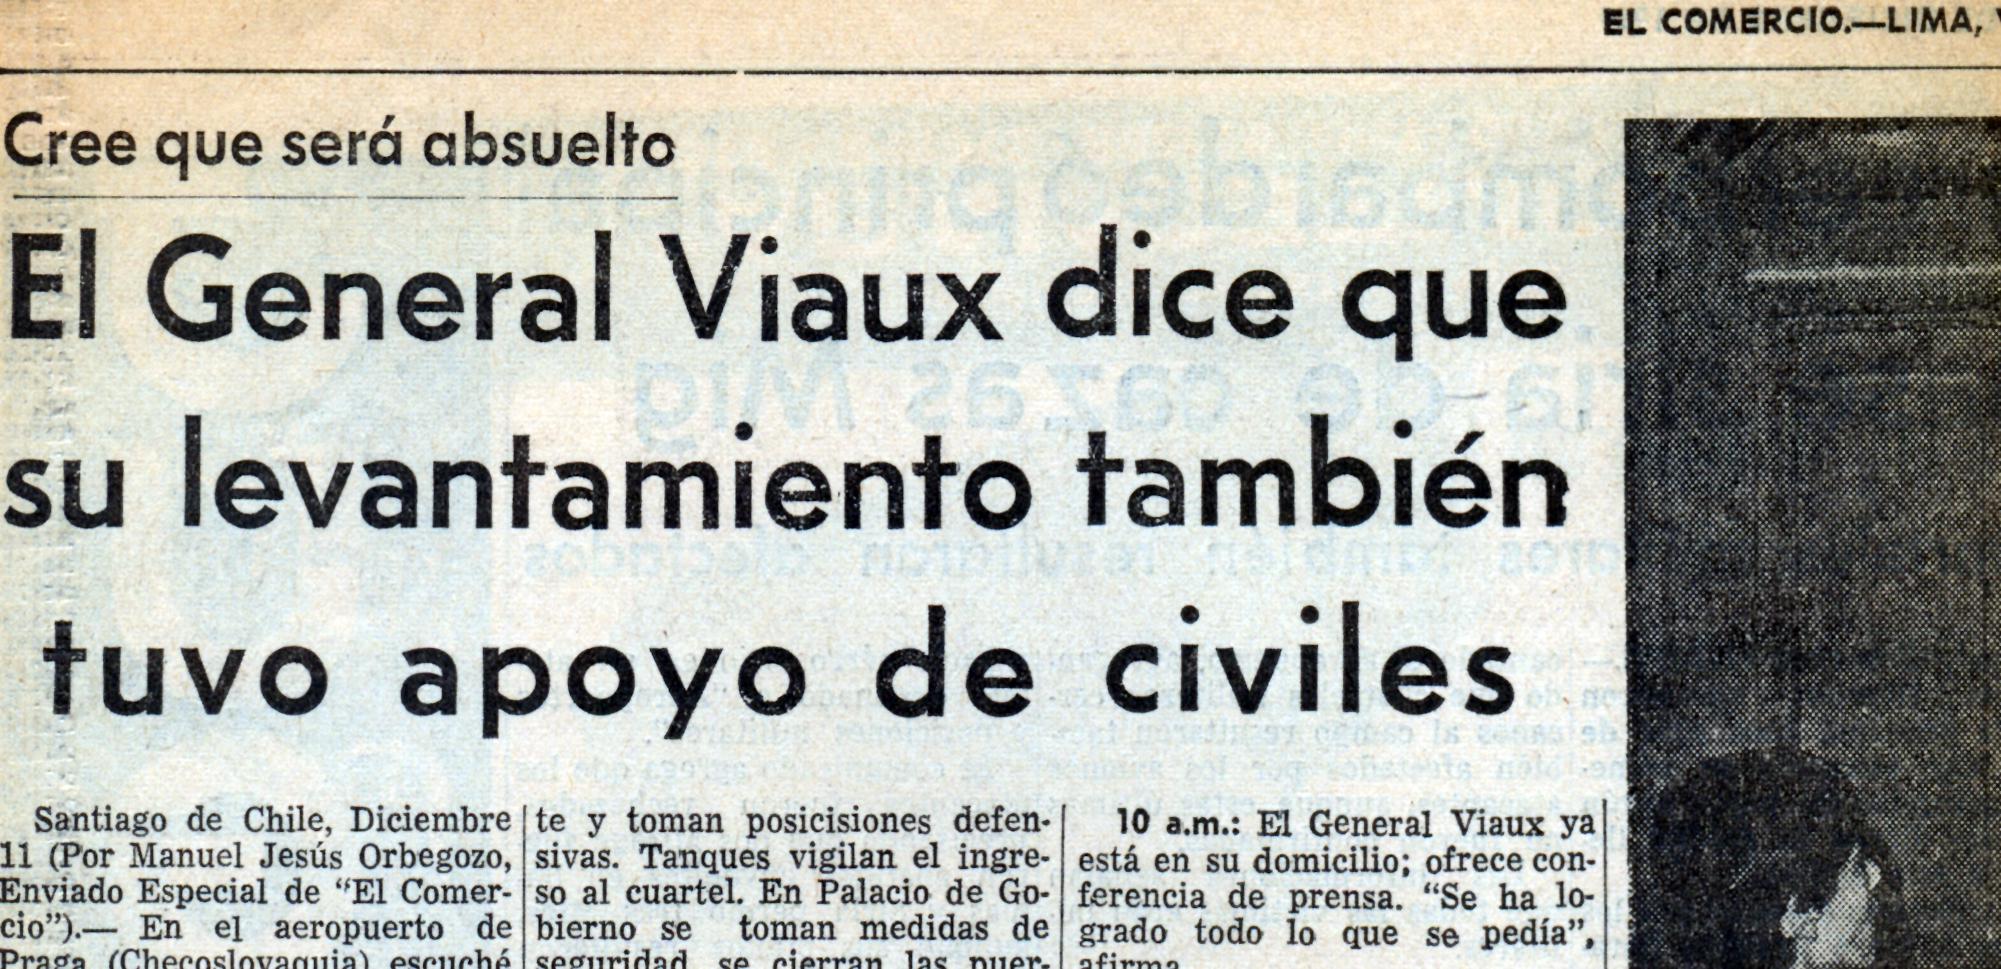 El Comercio de Lima, diciembre de 1969